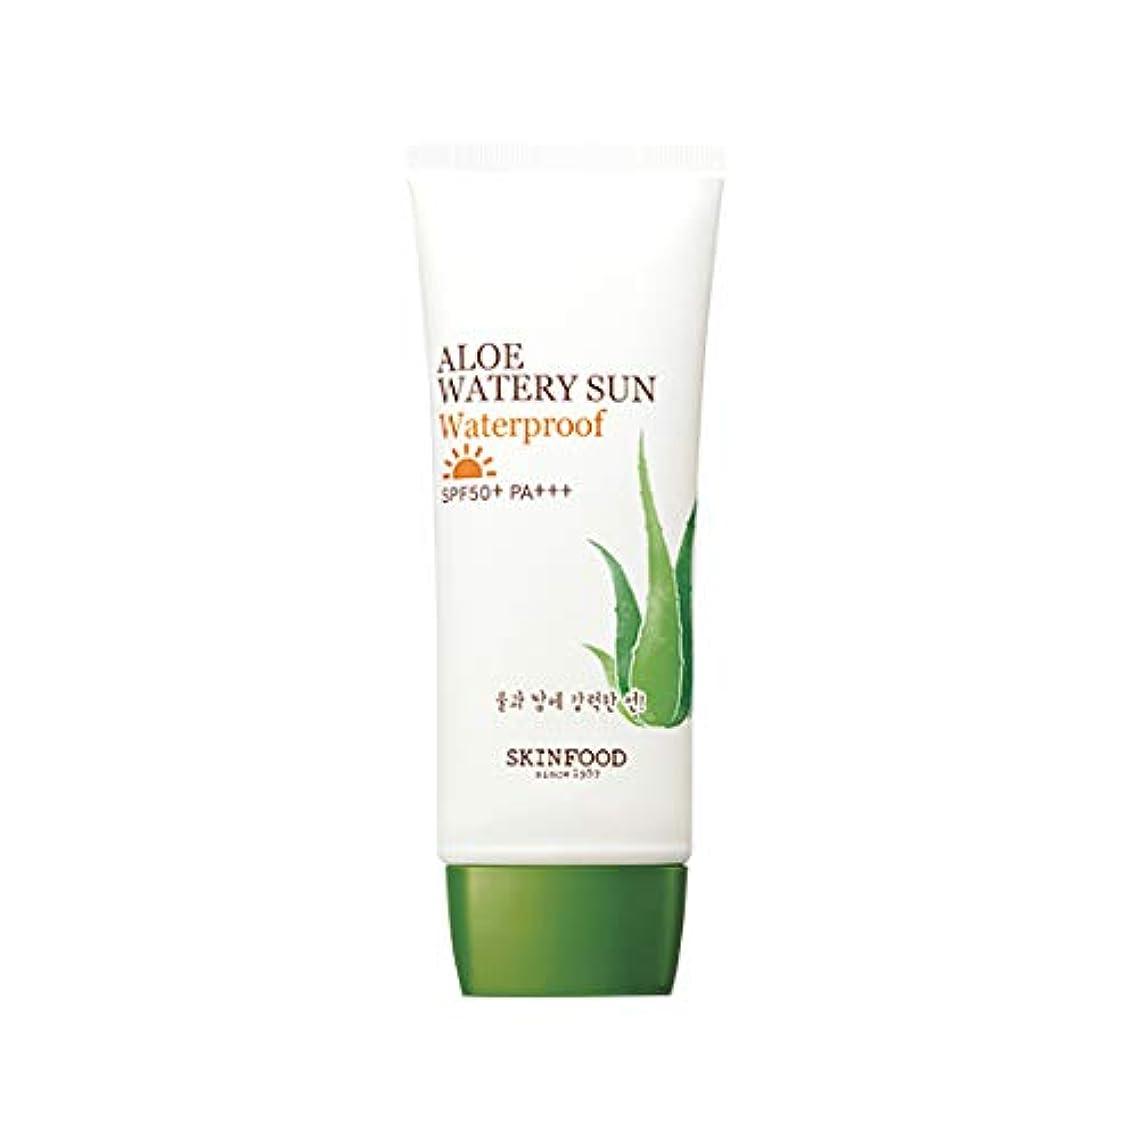 評決不調和レーニン主義Skinfood アロエウォーターサンプルーフSPF50 + PA +++ / Aloe Watery Sun Waterproof SPF50+ PA+++ 50ml [並行輸入品]